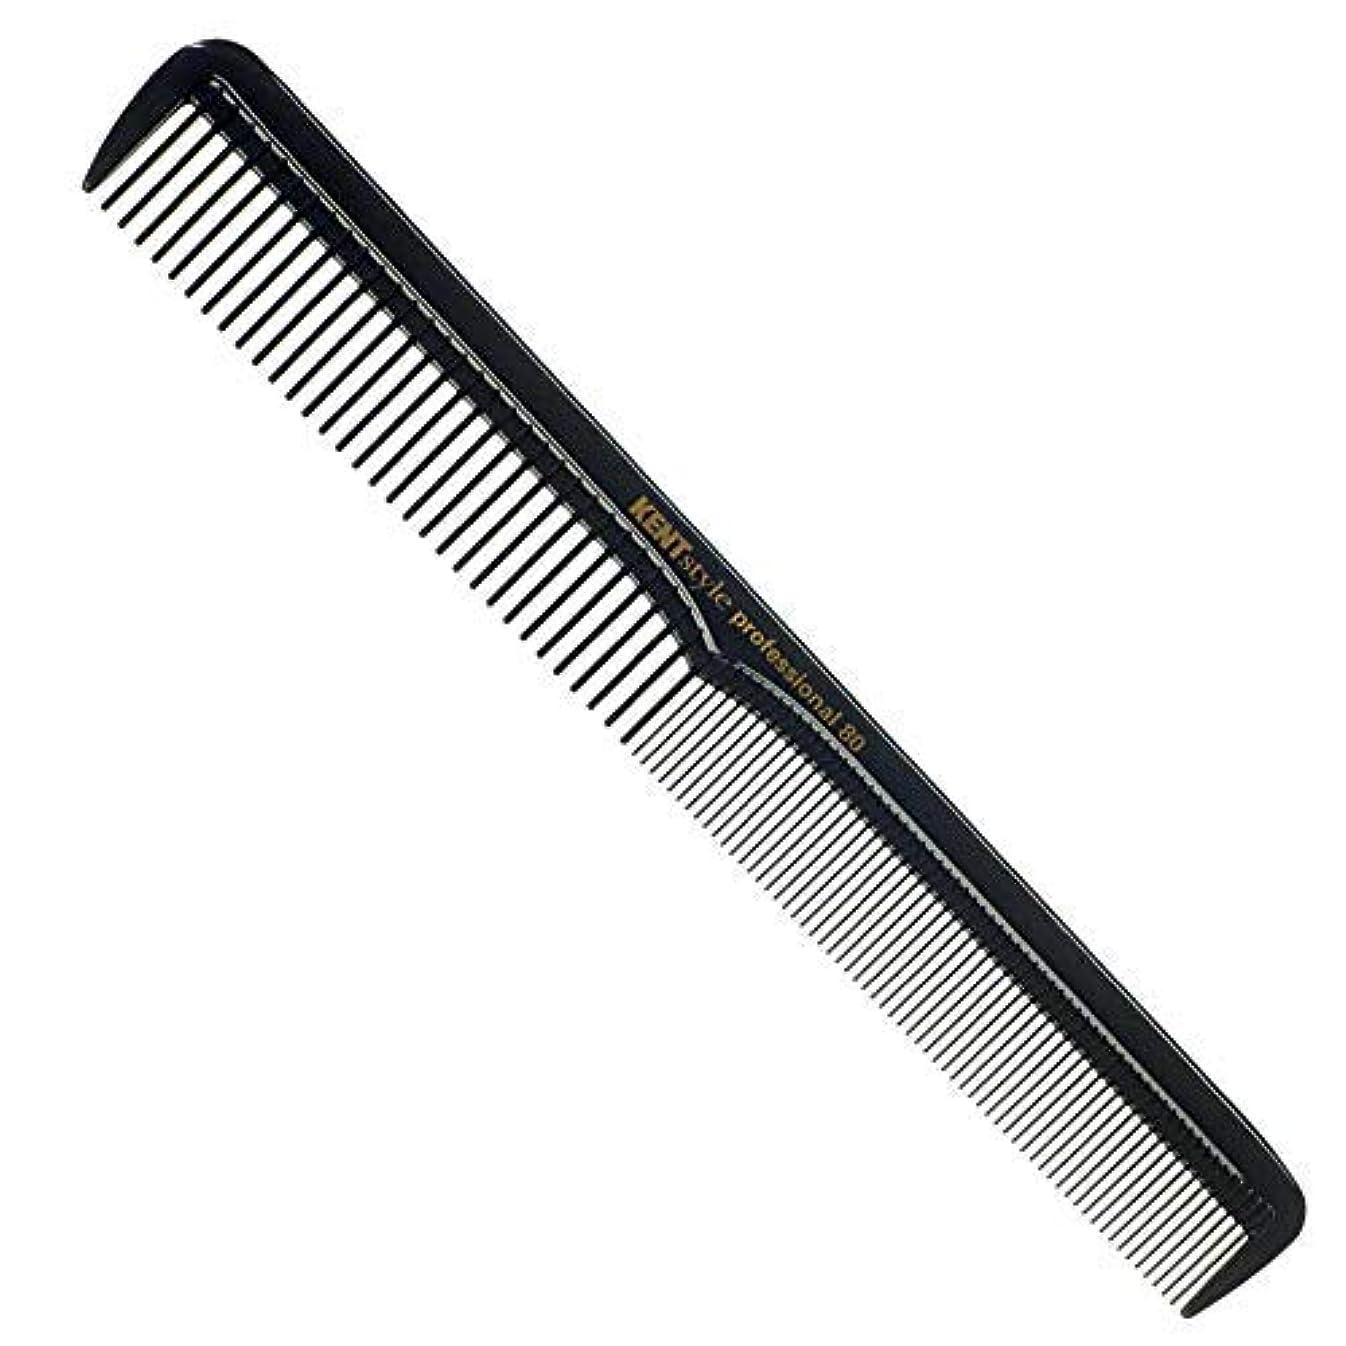 キャッチ与える予測Kent Style Professional Combs (Black) - Anti-static, Unbreakable & Heat Resistant (SPC80) [並行輸入品]